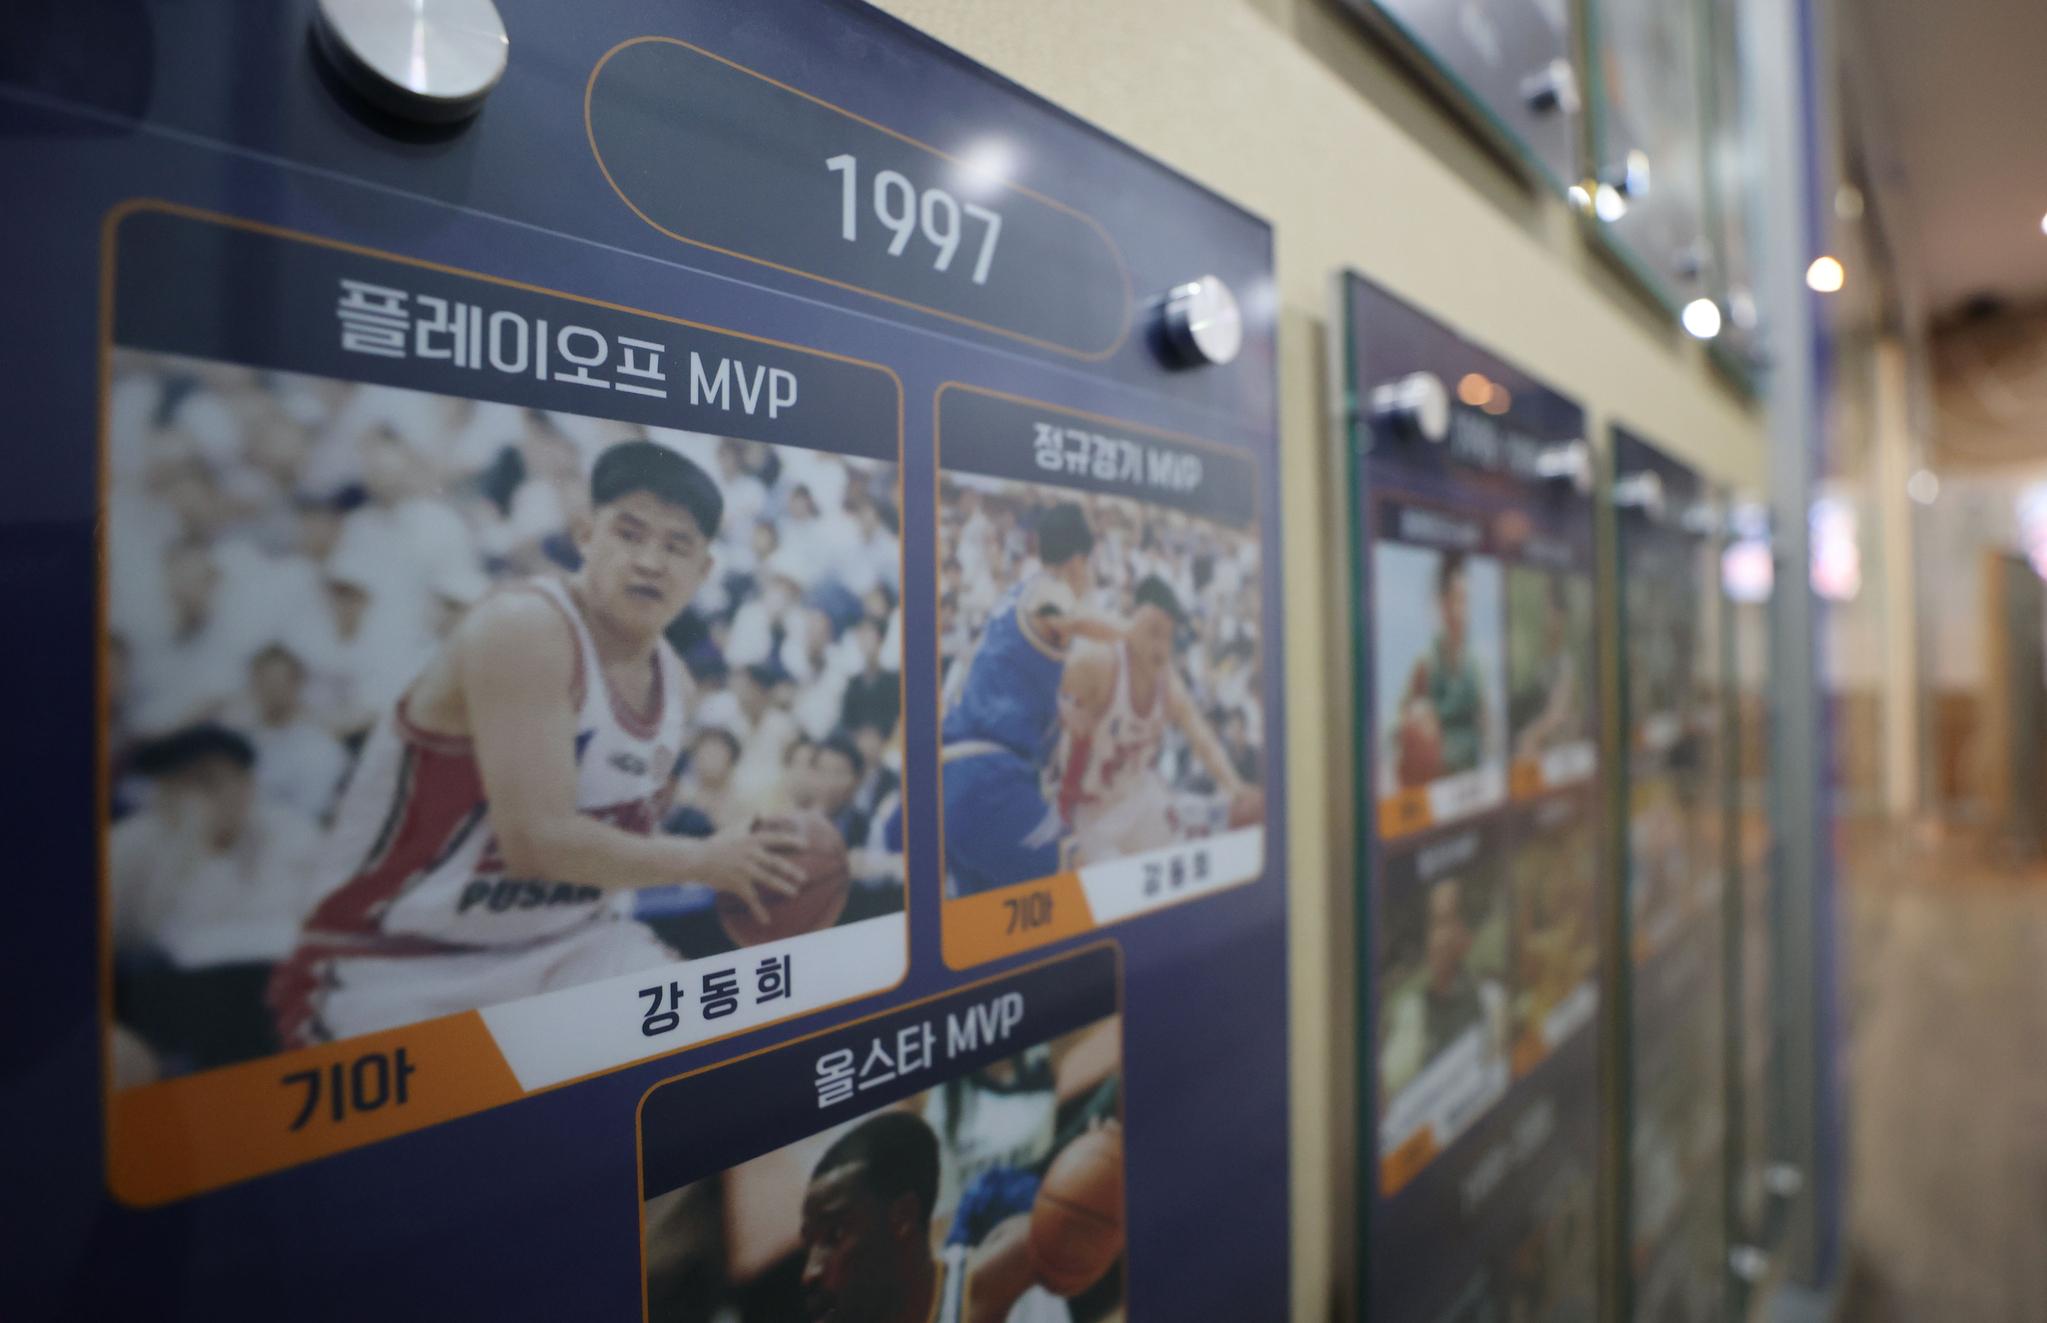 강동희 복권을 다룬 재정위가 열린 KBL 복도에는 그의 MVP 사진이 걸려 있다. [연합뉴스]